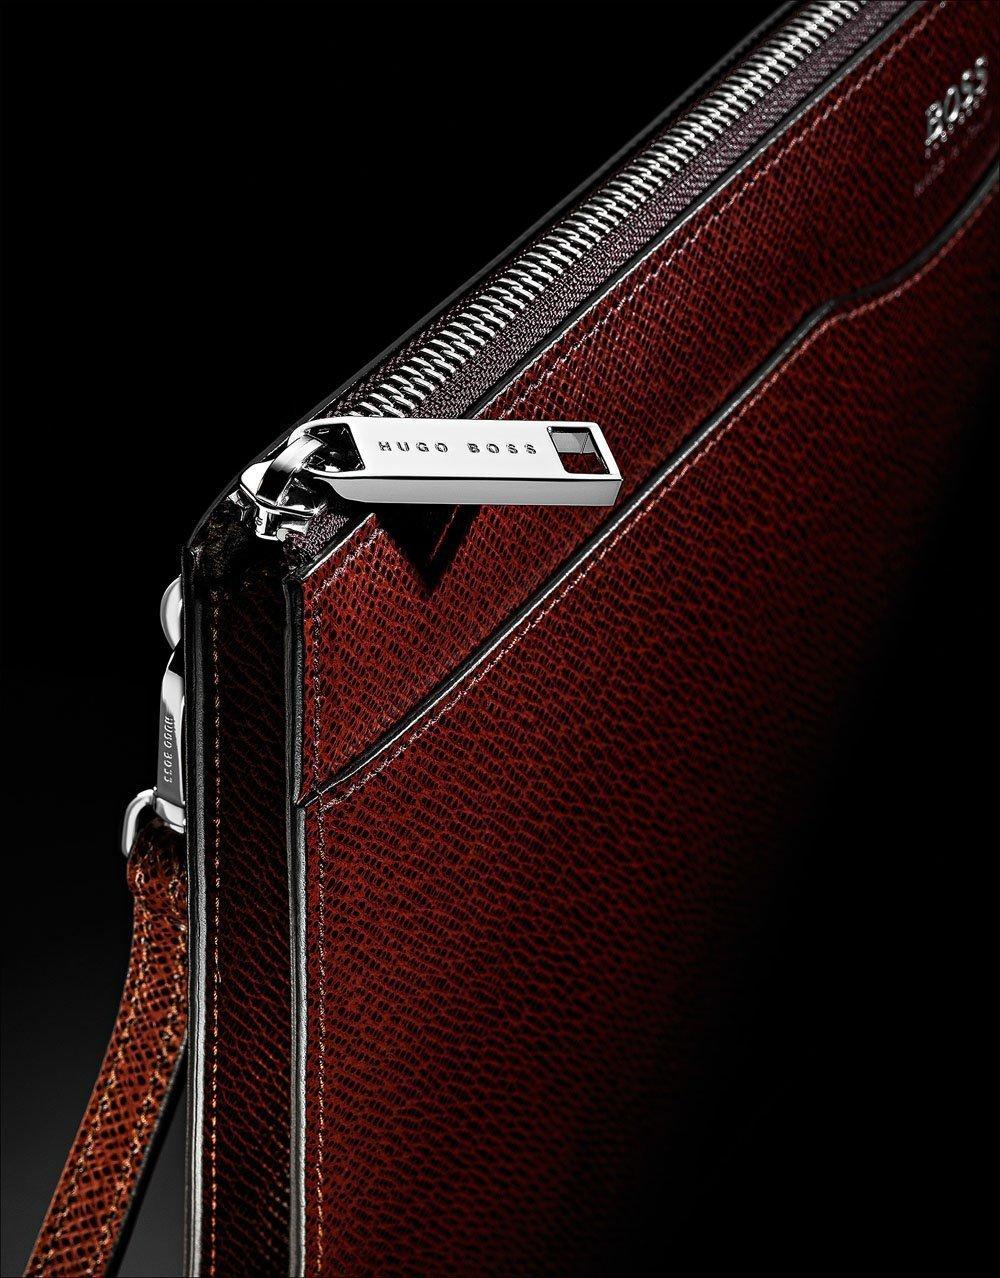 019-fotografo-still-life-fashion-accessories